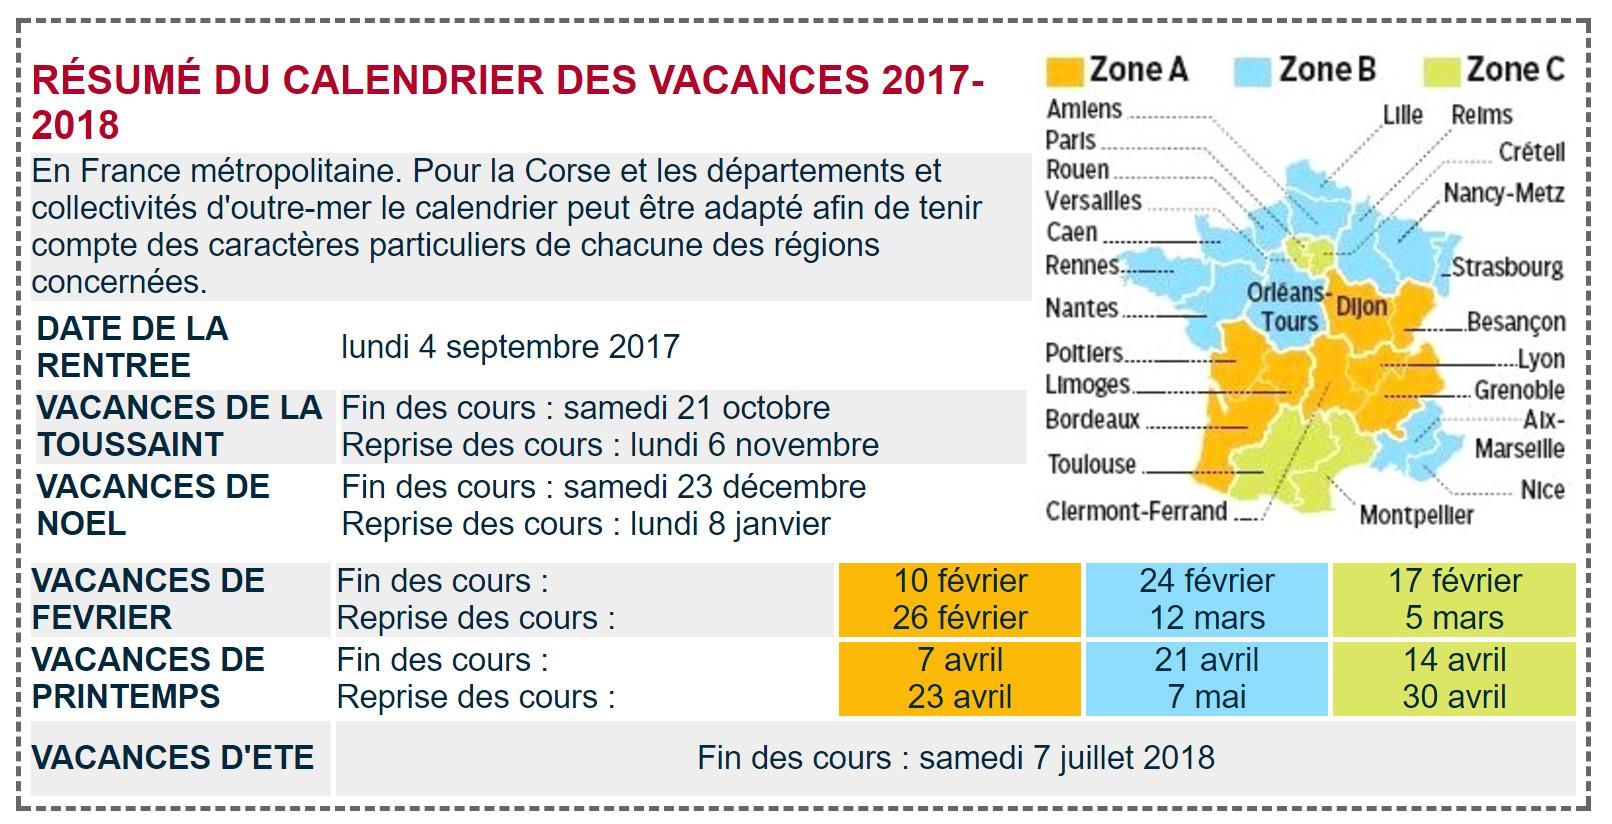 Calendrier scolaire 2017 2018 les hameaux de la roche - Vacances toussaint 2017 rennes ...